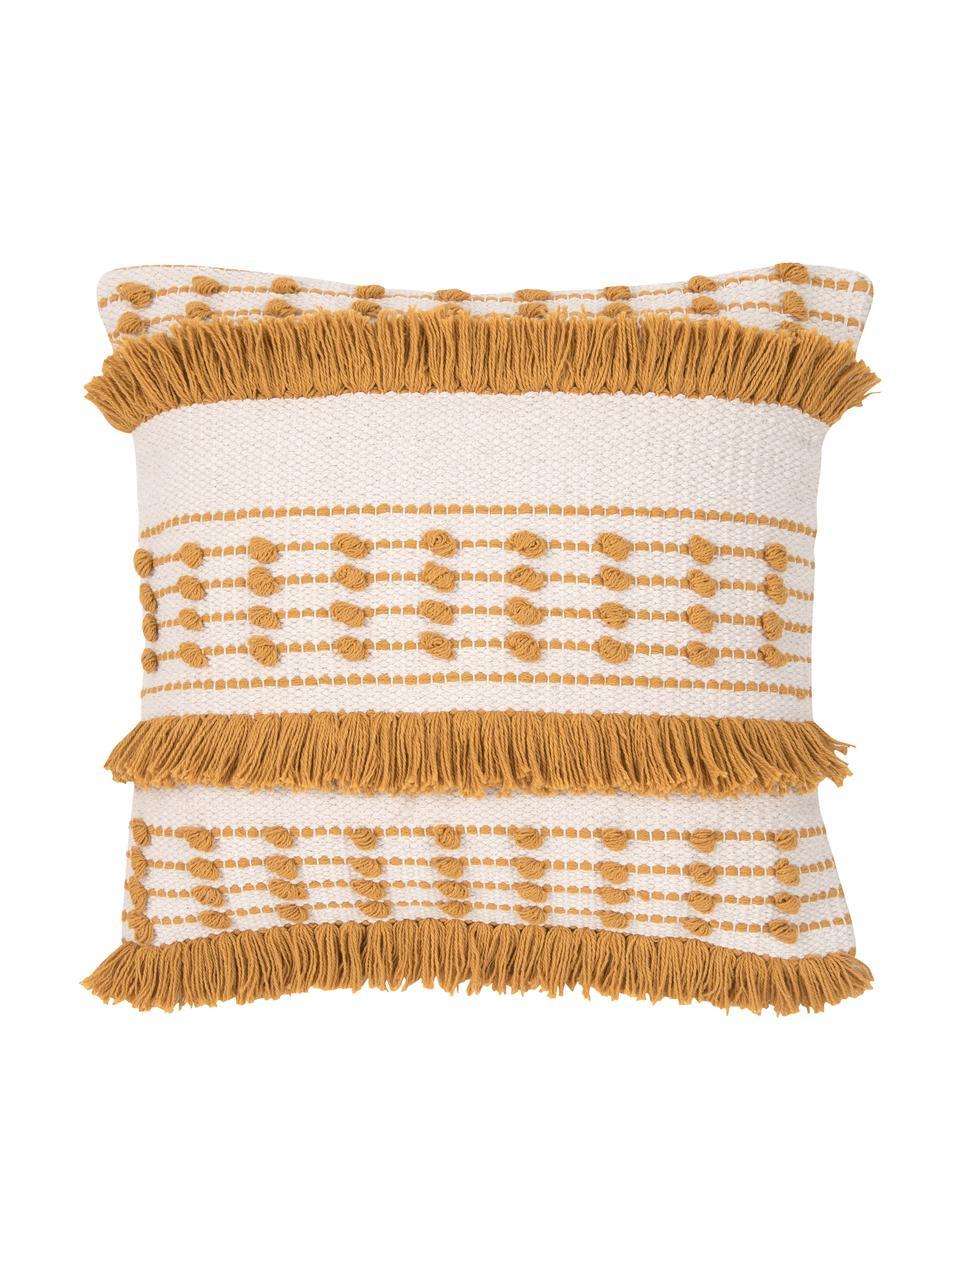 Poszewka na poduszkę boho Tulika, 100% bawełna, Żółty, beżowy, S 45 x D 45 cm